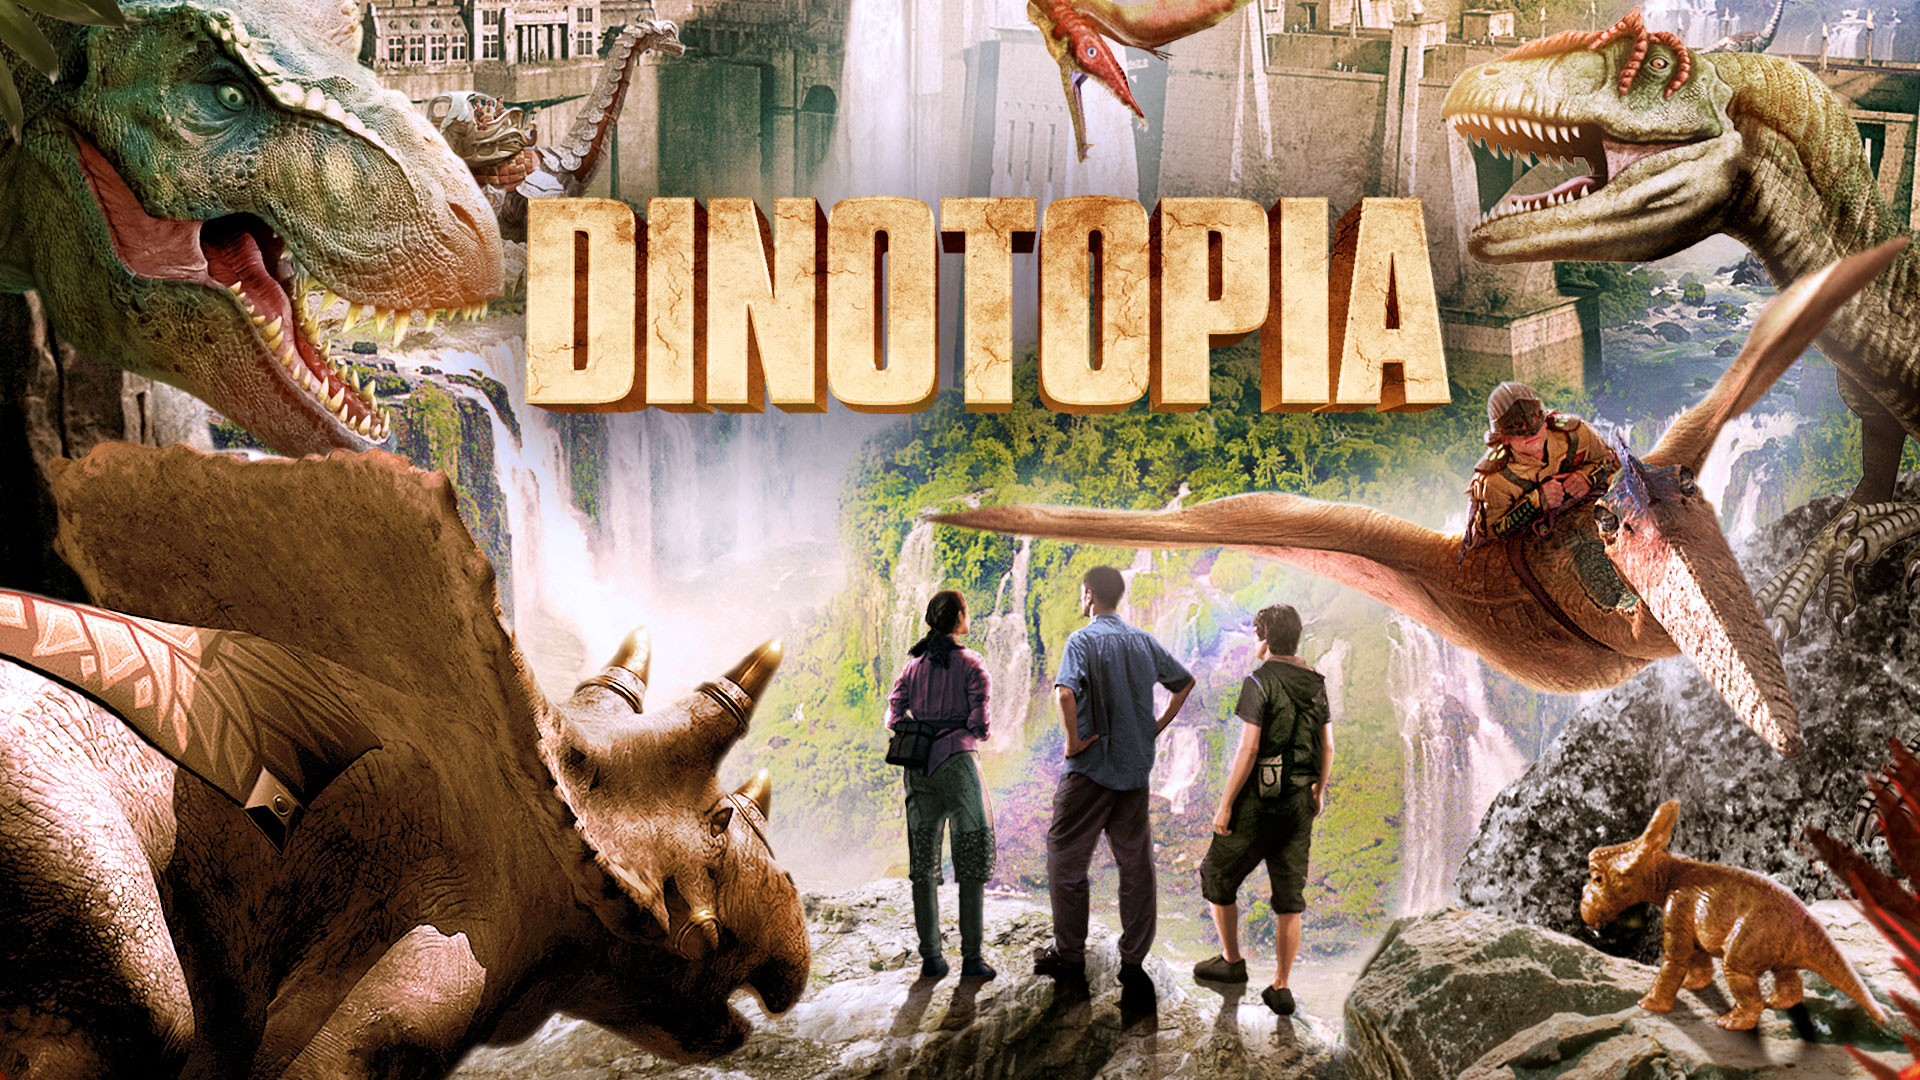 Dinotopia on Amazon Prime Video UK